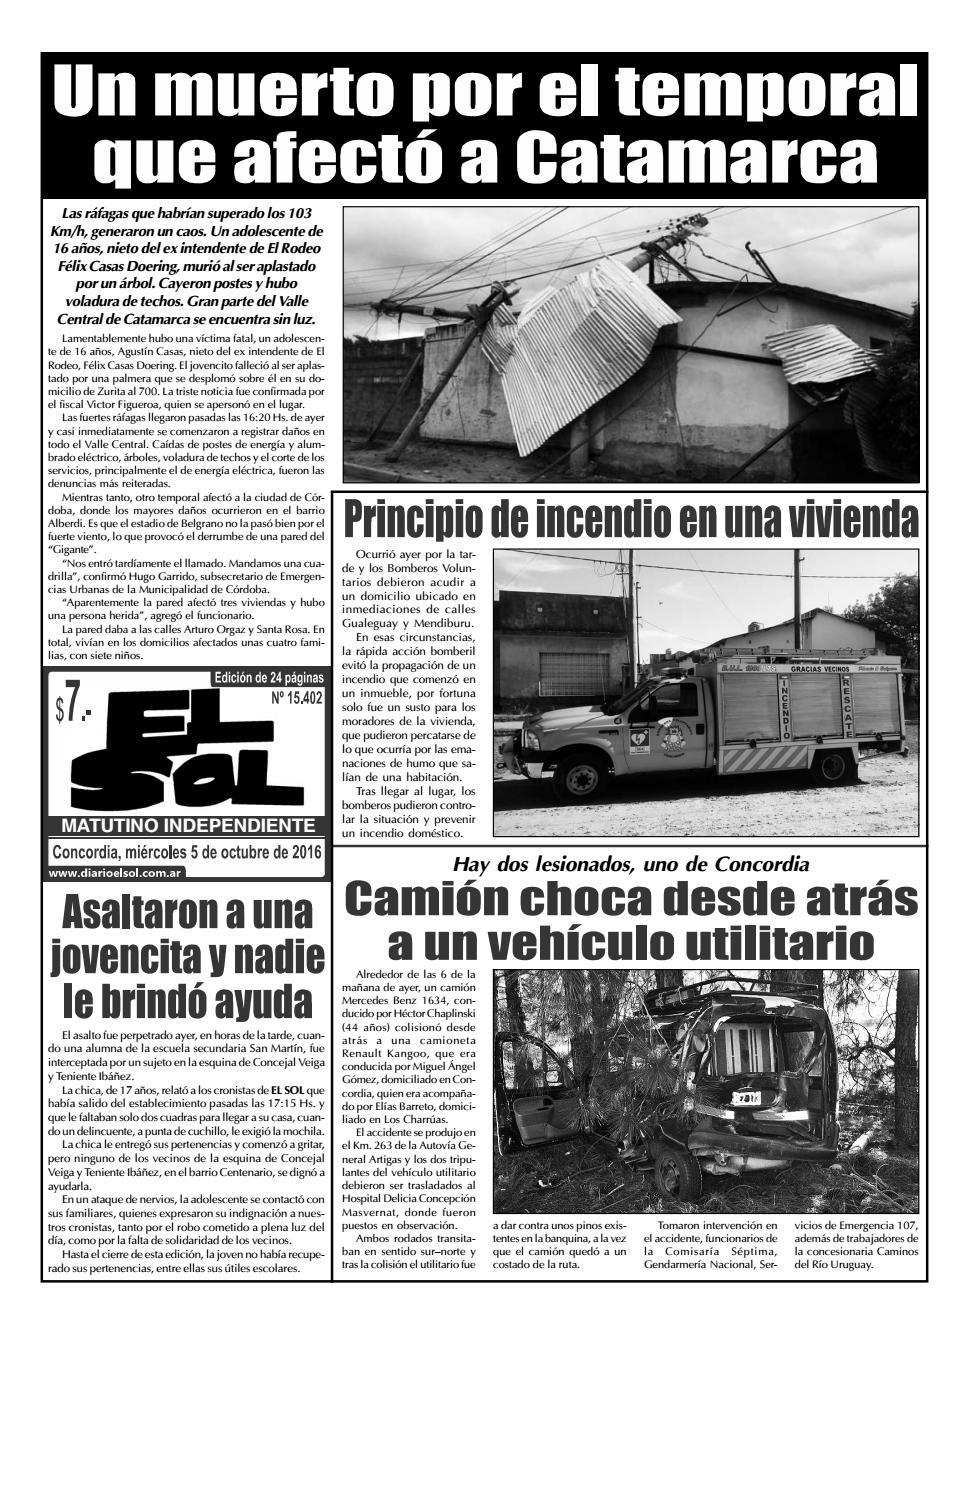 Diario El Sol (Miércoles 05 octubre 2016) by Diario El Sol - issuu